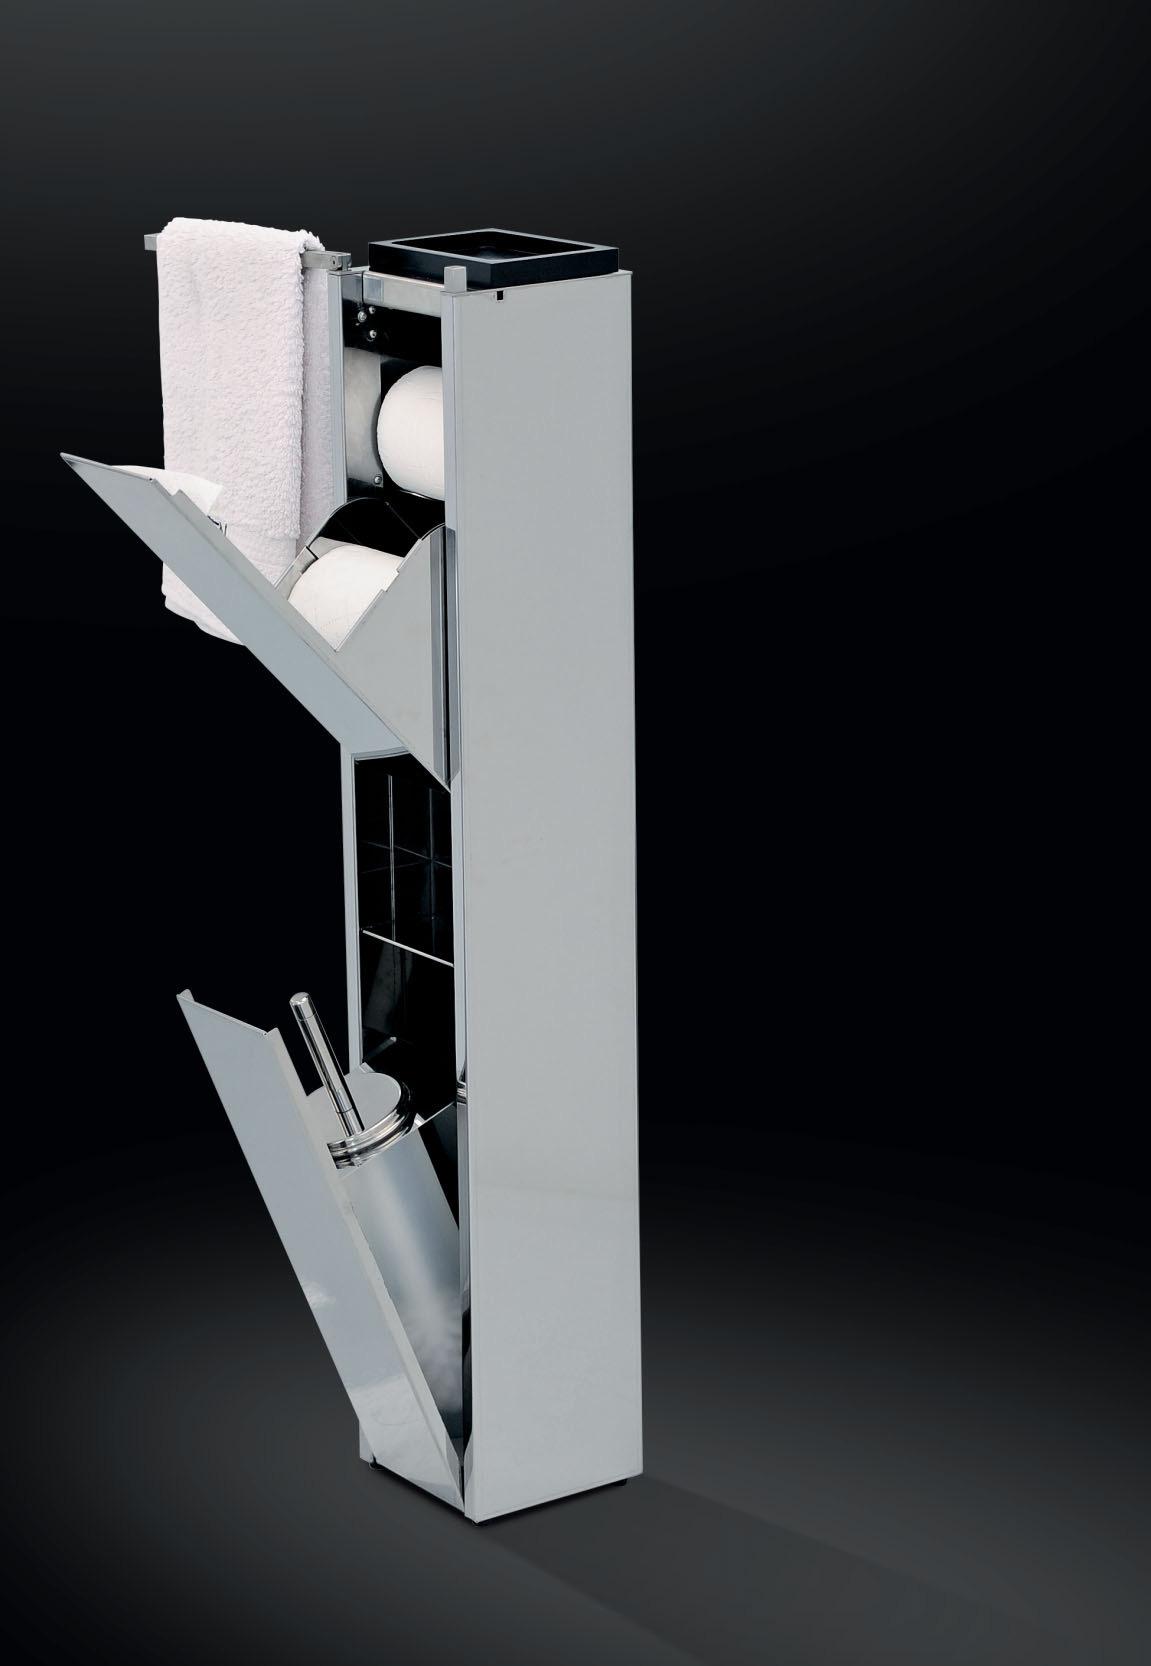 Accessori arredo bagno in acciaio inox su misura marinox - Accessori bagno in acciaio ...